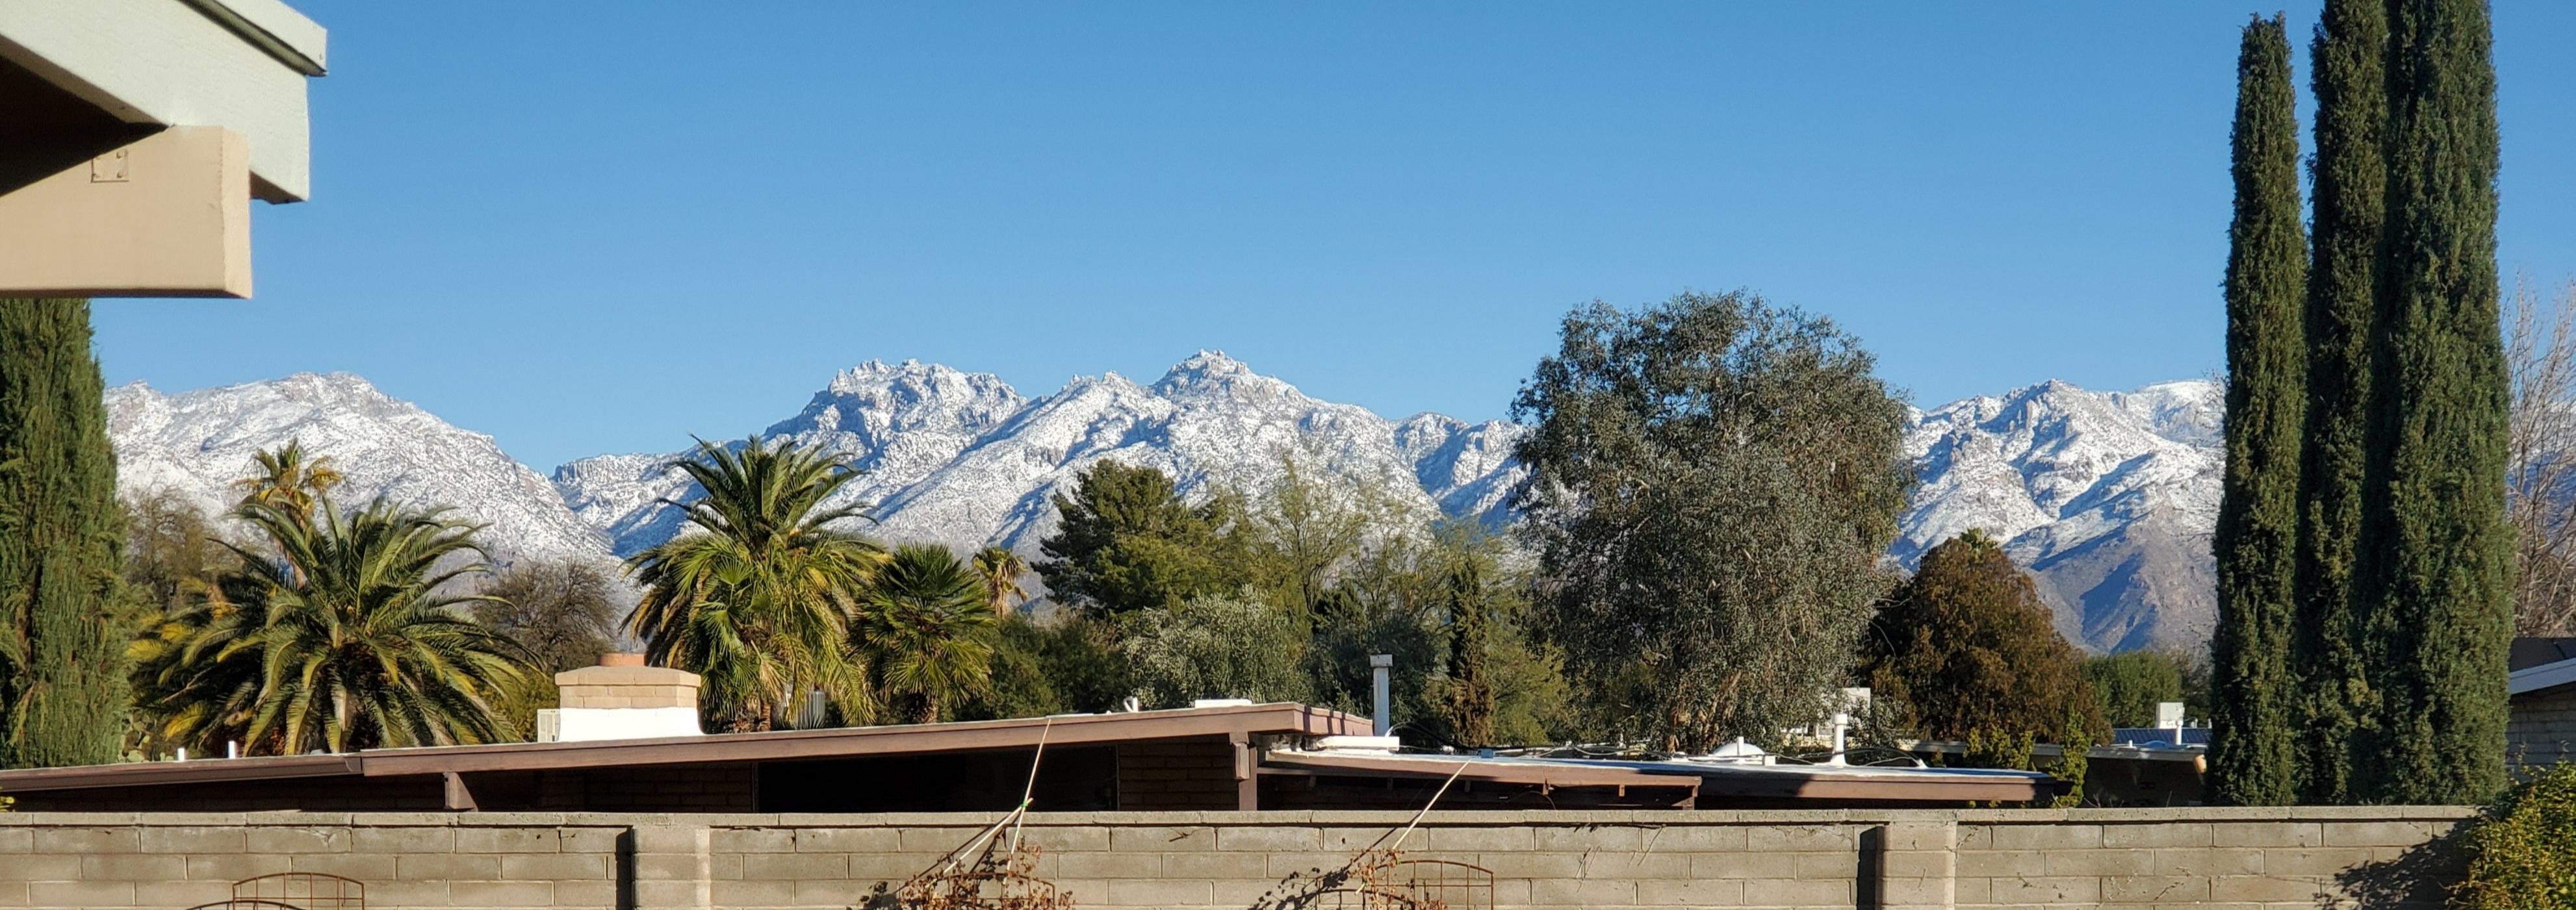 Mountain-View-C